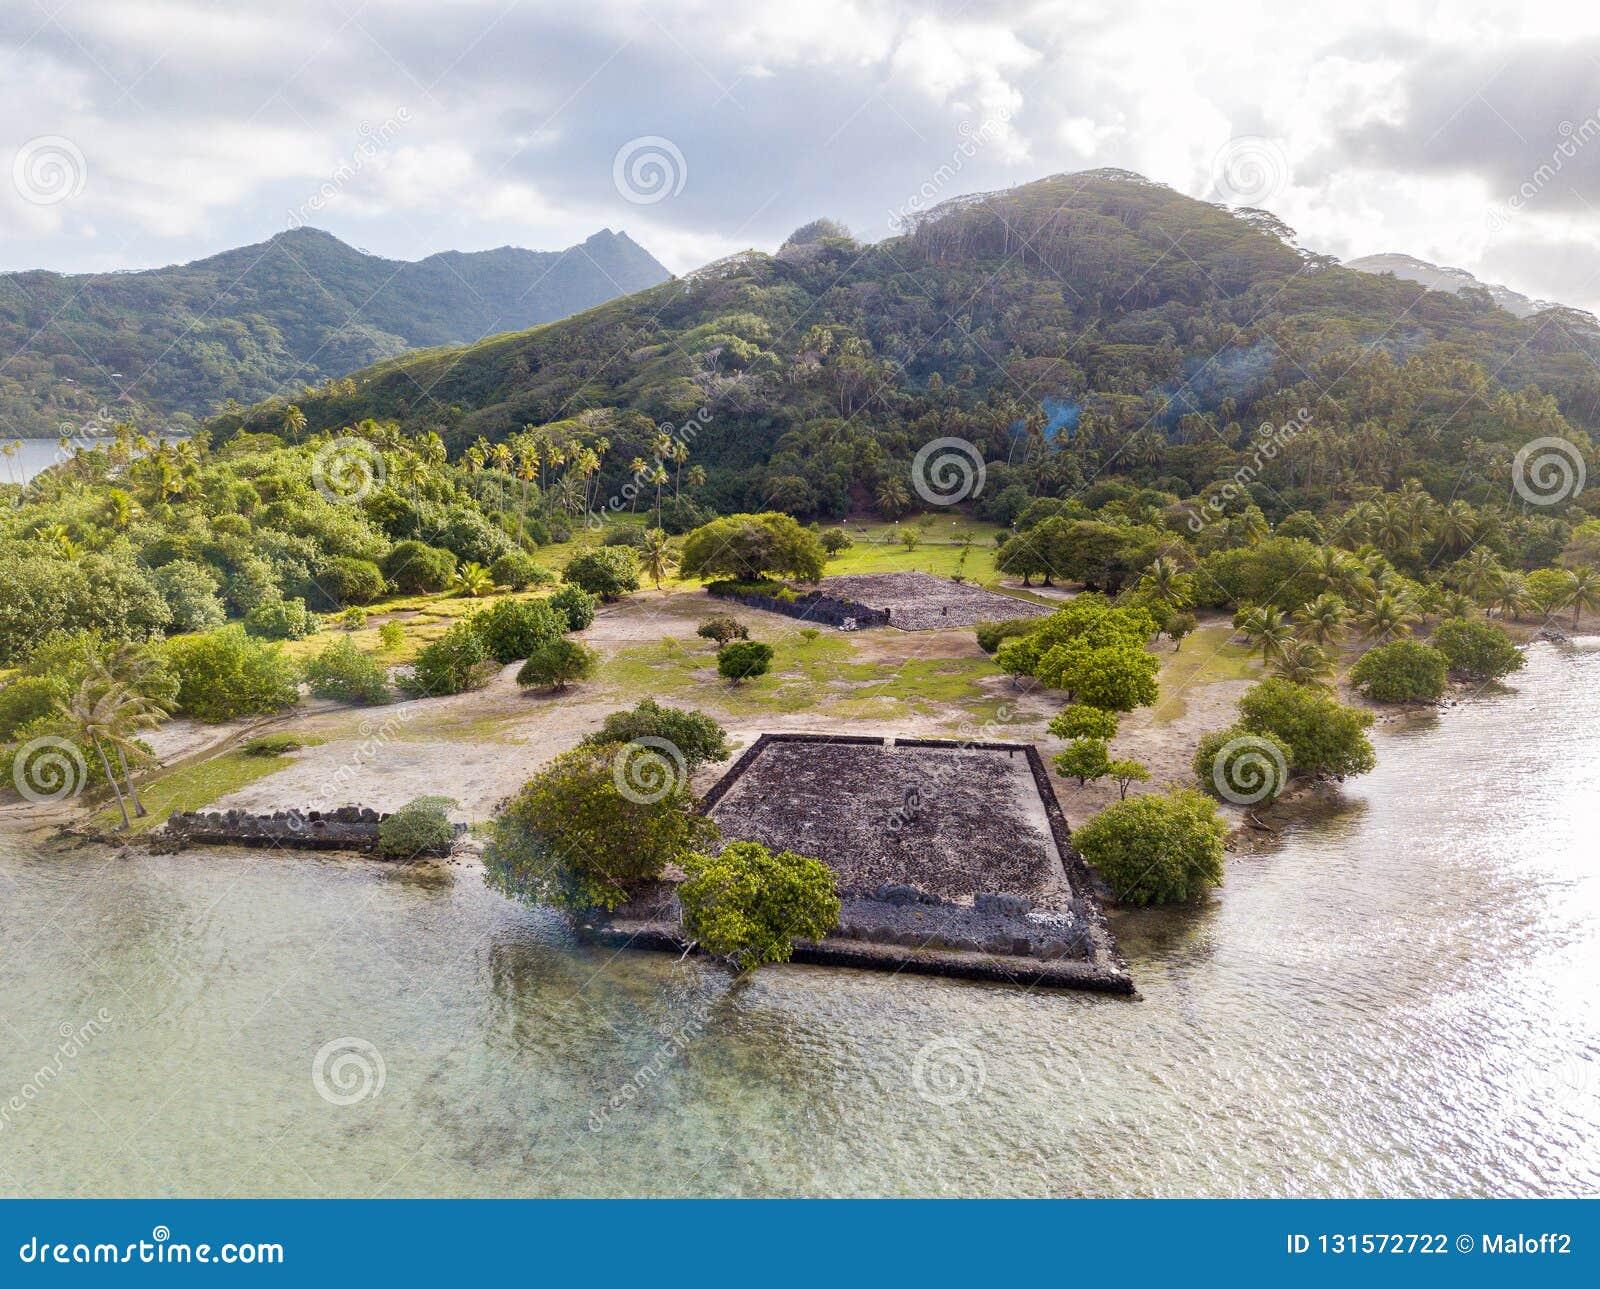 Complexo antigo do templo de Marae Taputapuatea na costa da lagoa com as montanhas no fundo Ilha de Raiatea Polinésia francesa,